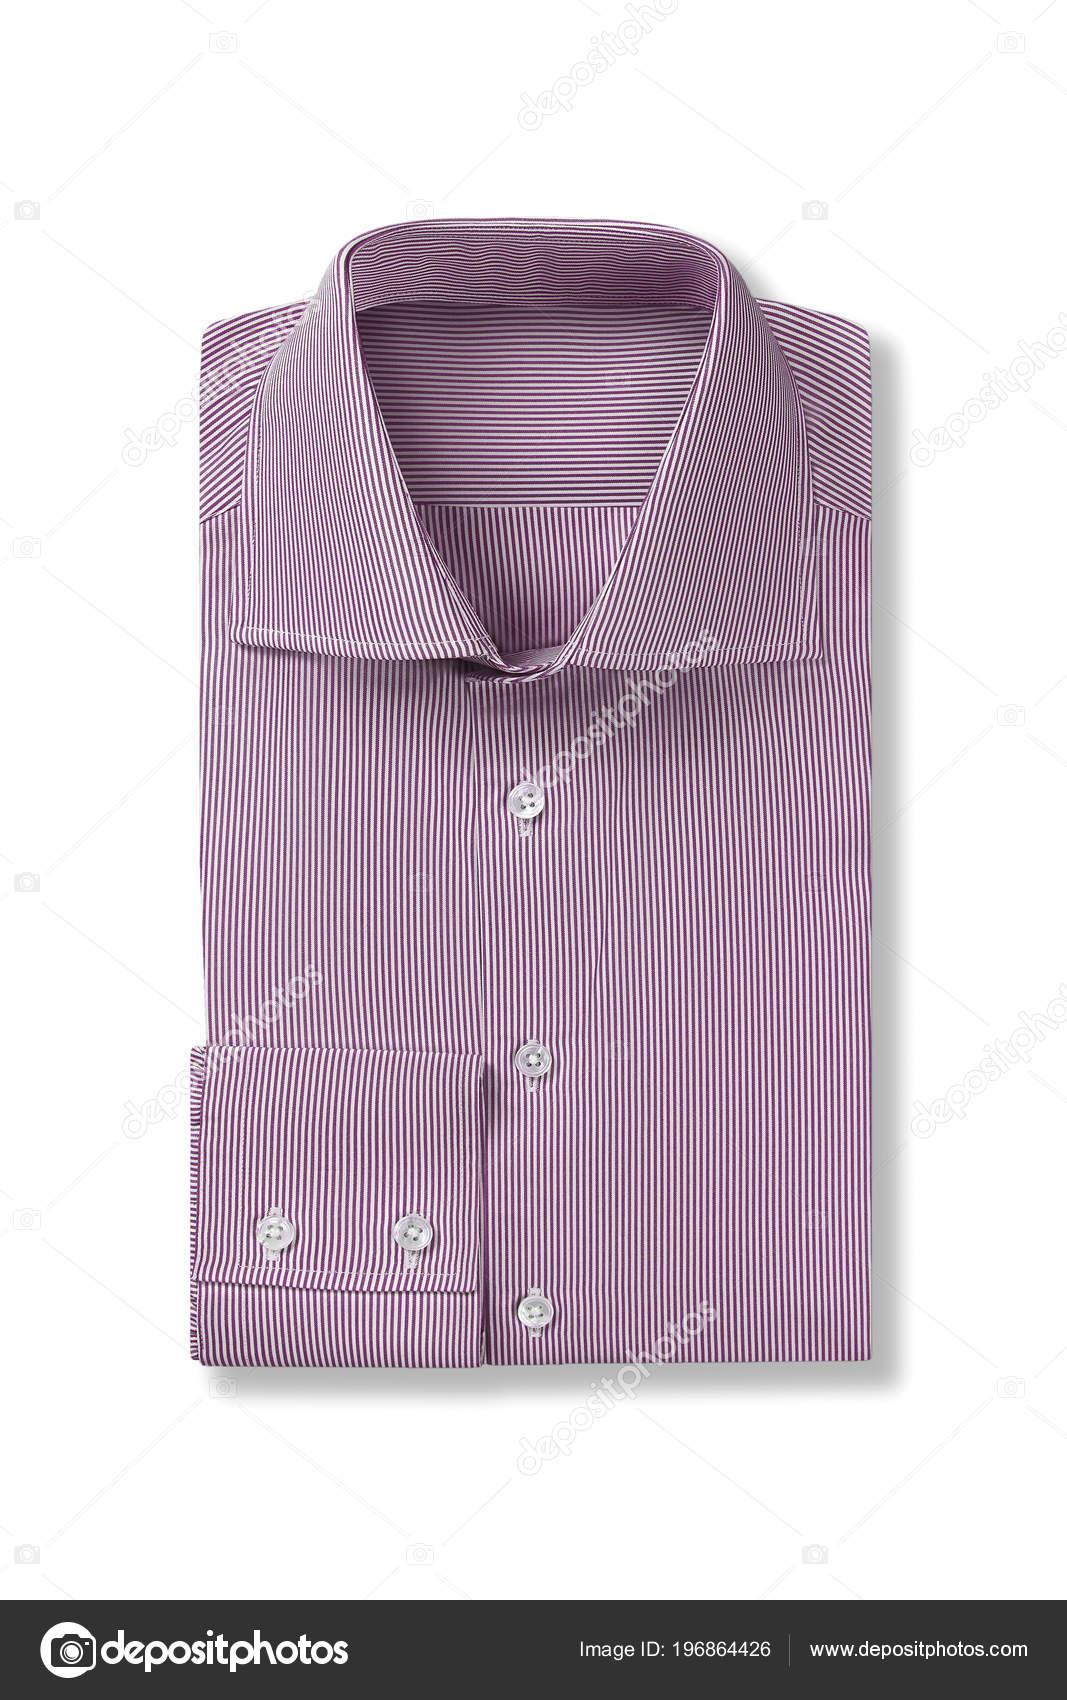 Una Camisa Vestir Para Hombre Doblado Rayas Rosa Aislada